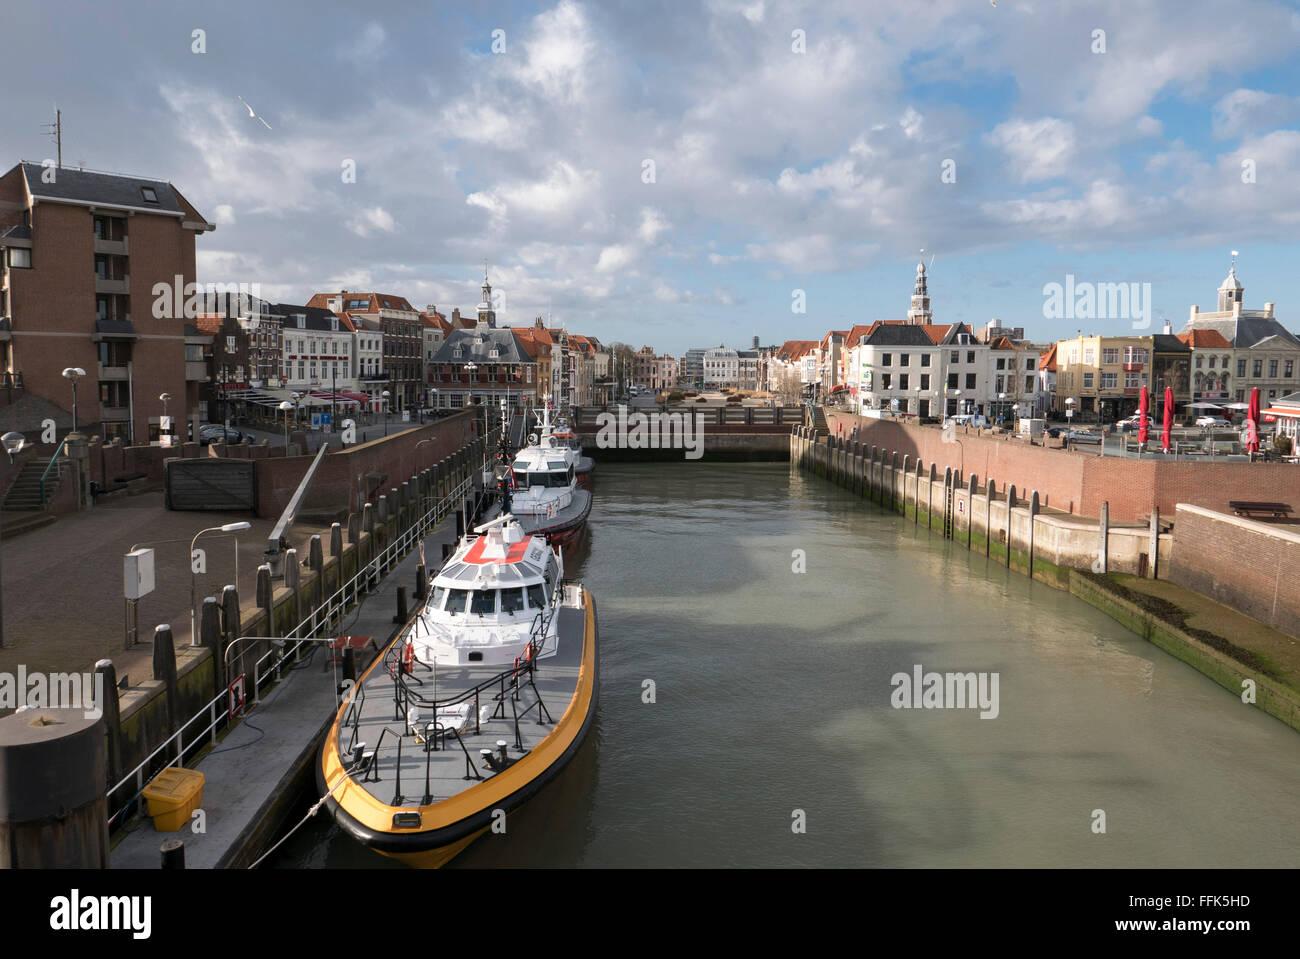 Altstadt, Hafen, Vlissingen, Provinz Seeland, Niederlande | old town, harbour, Vlissingen, North Sea Coast, Zeeland, - Stock Image